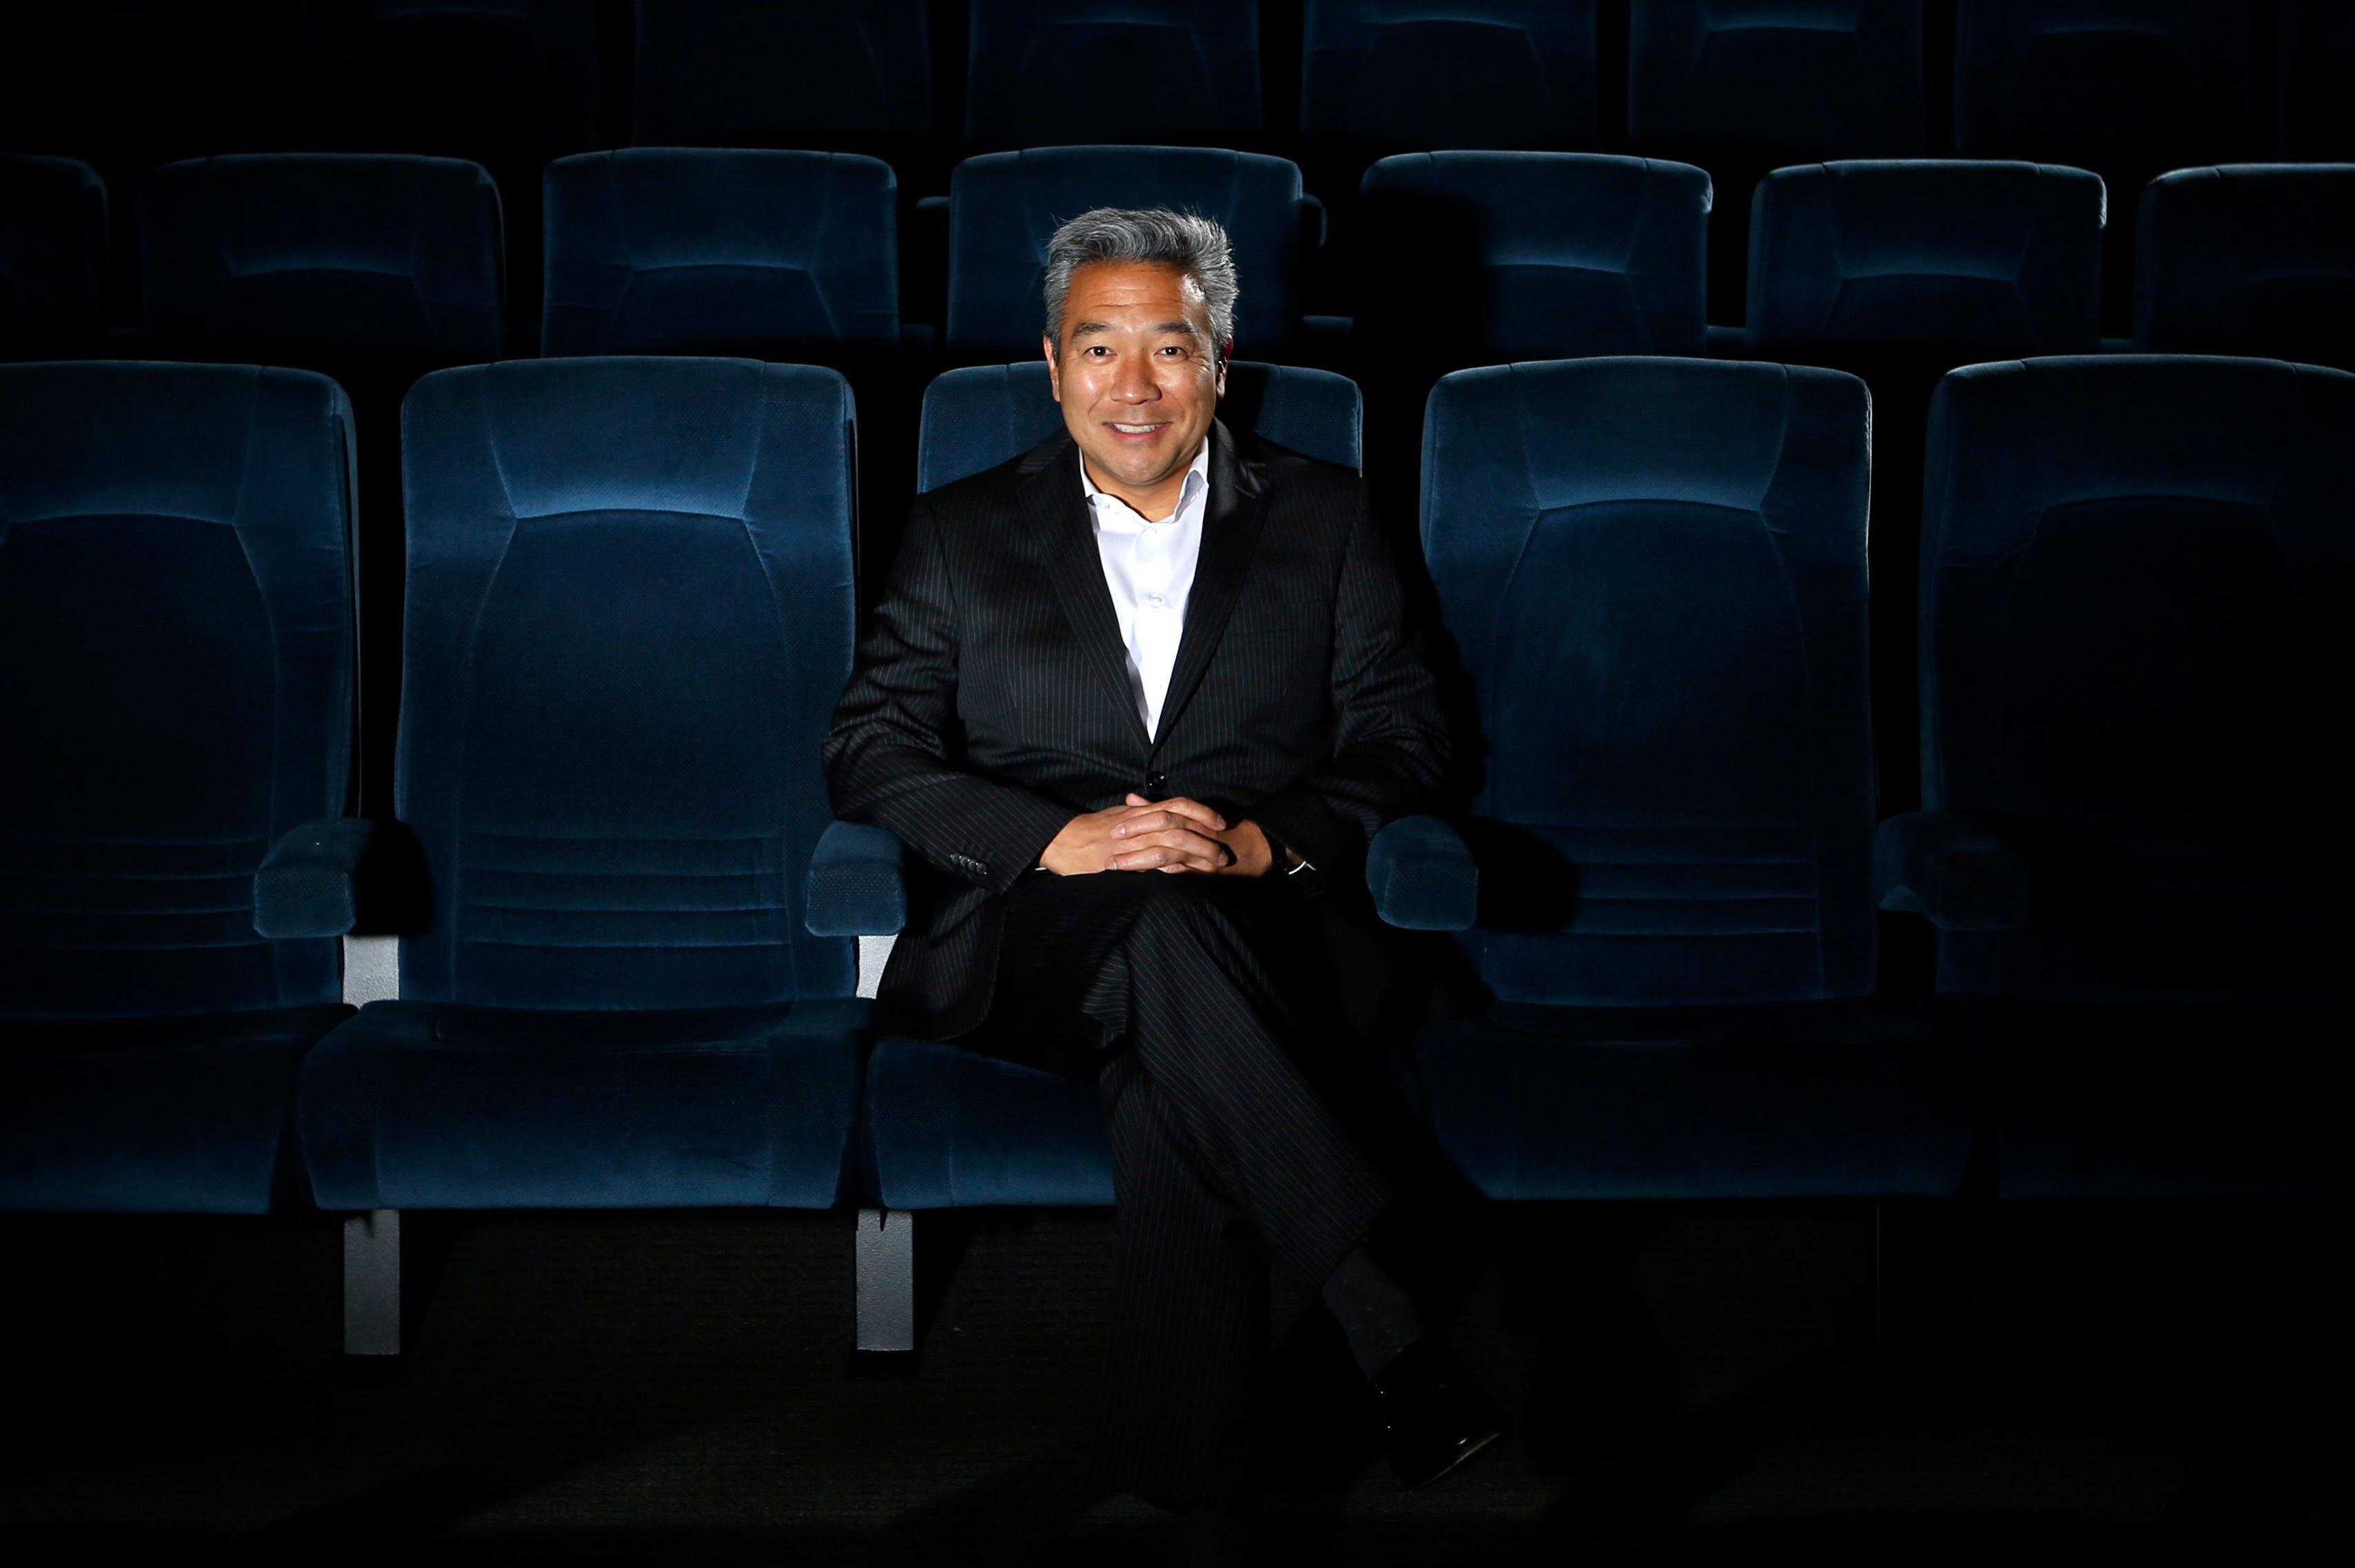 Warner Bros. CEO Kevin Tsujihara steps down as sexual misconduct investigation continues